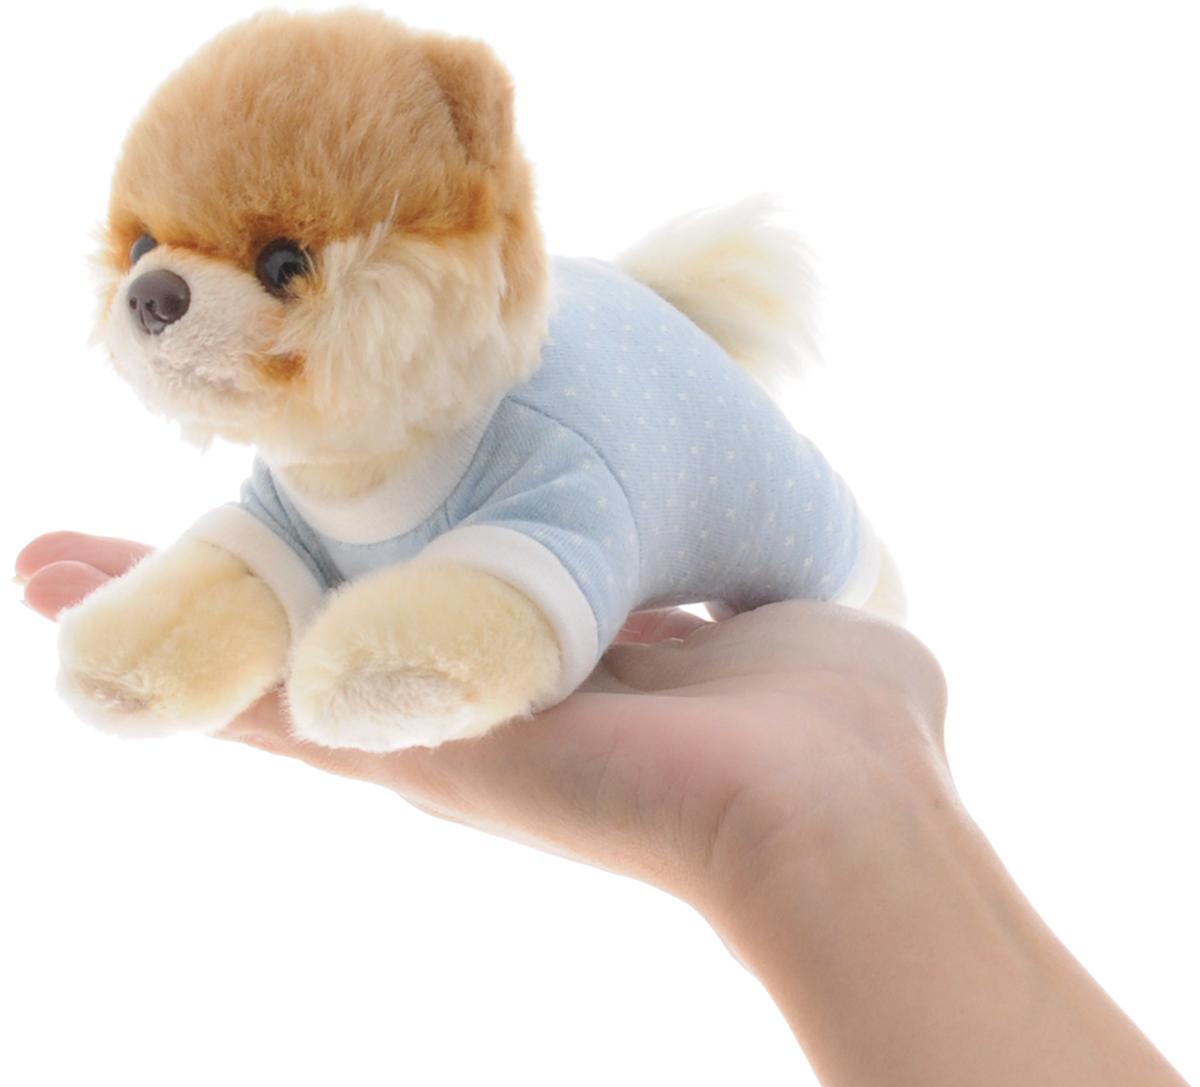 Gund Мягкая игрушка Boo цвет голубой 16 см